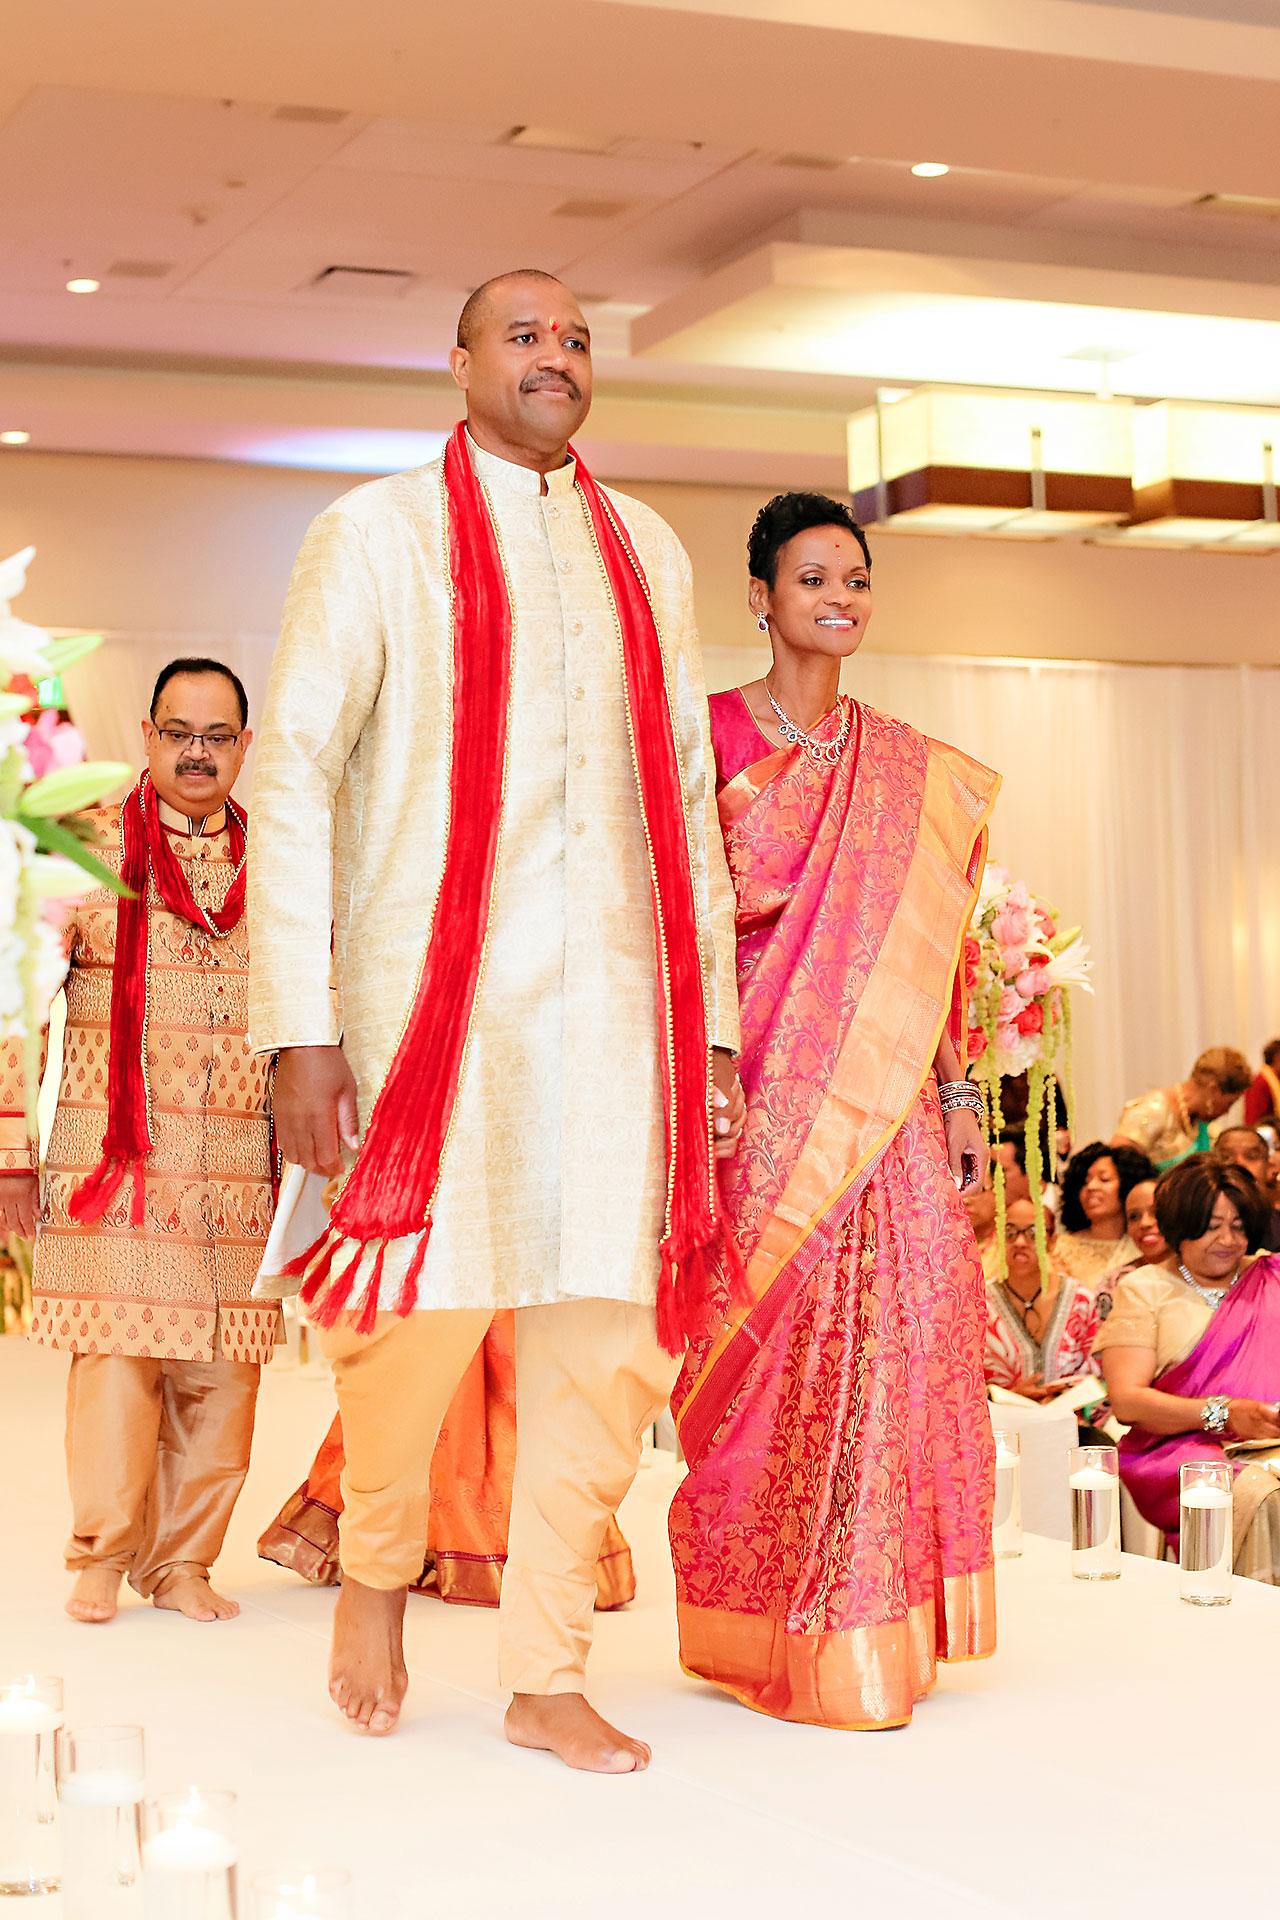 Joie Nikhil JW Marriott Indian Wedding 236